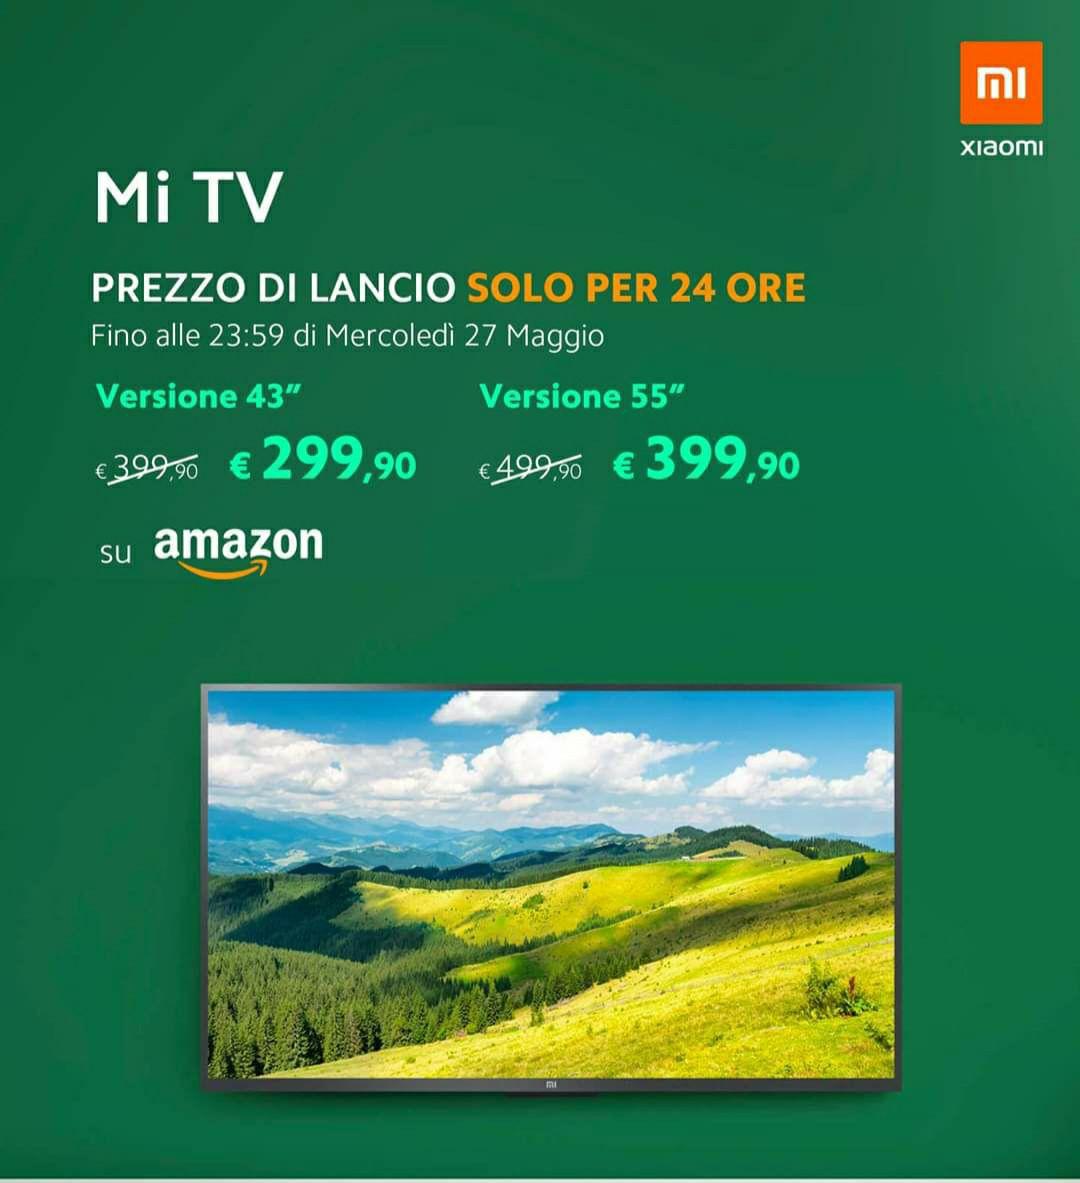 MI TV 4K ULTRA HD AL SUPER PREZZO DI LANCIO PER 24 ORE!!!